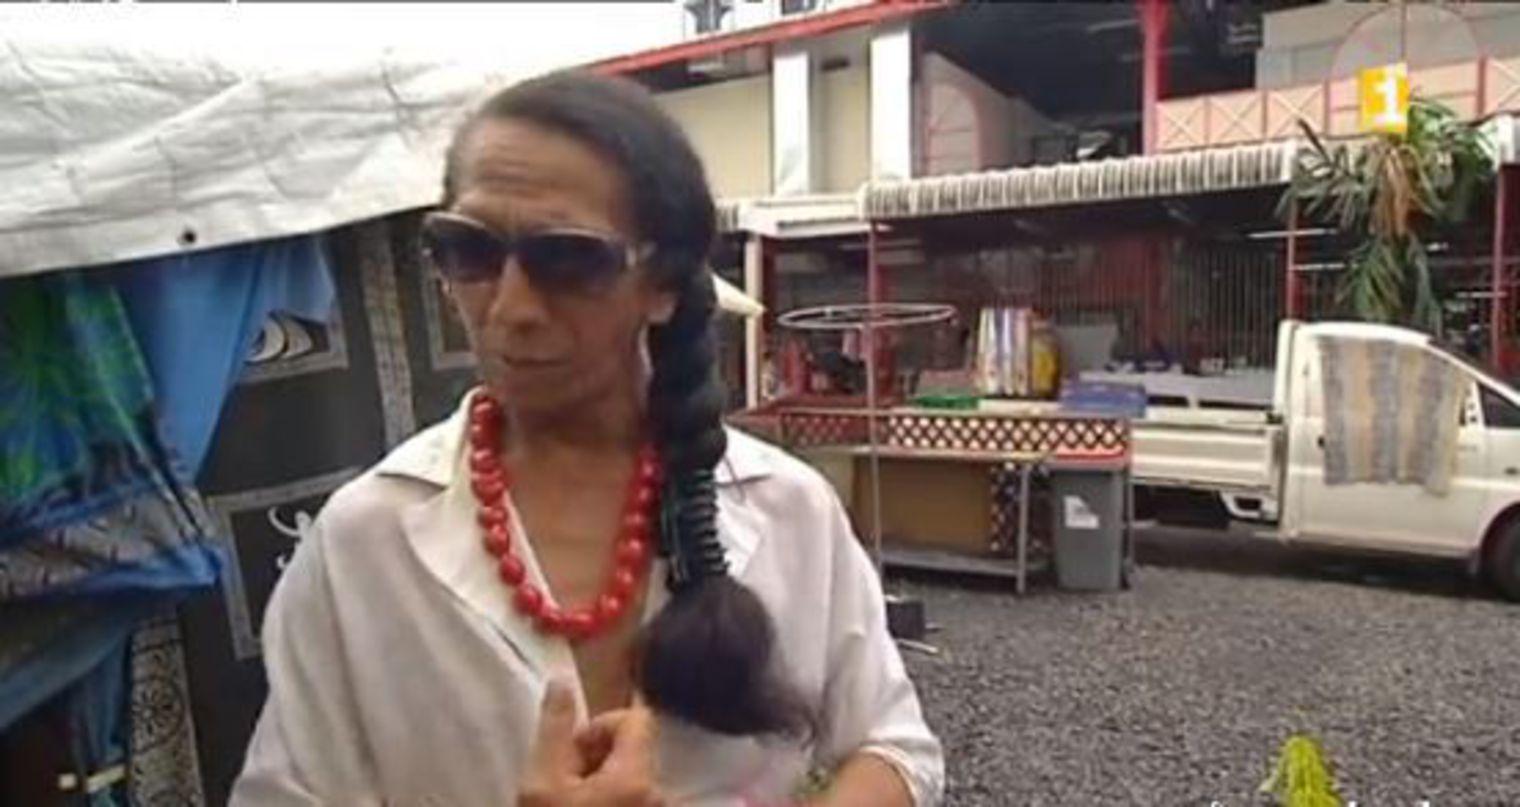 Coco est un des deux SDF interrogés par Polynésie 1ère et qui vit dans un abri de fortune aux abords du Marché de Papeete ©Capture d'écran / Polynésie 1ère